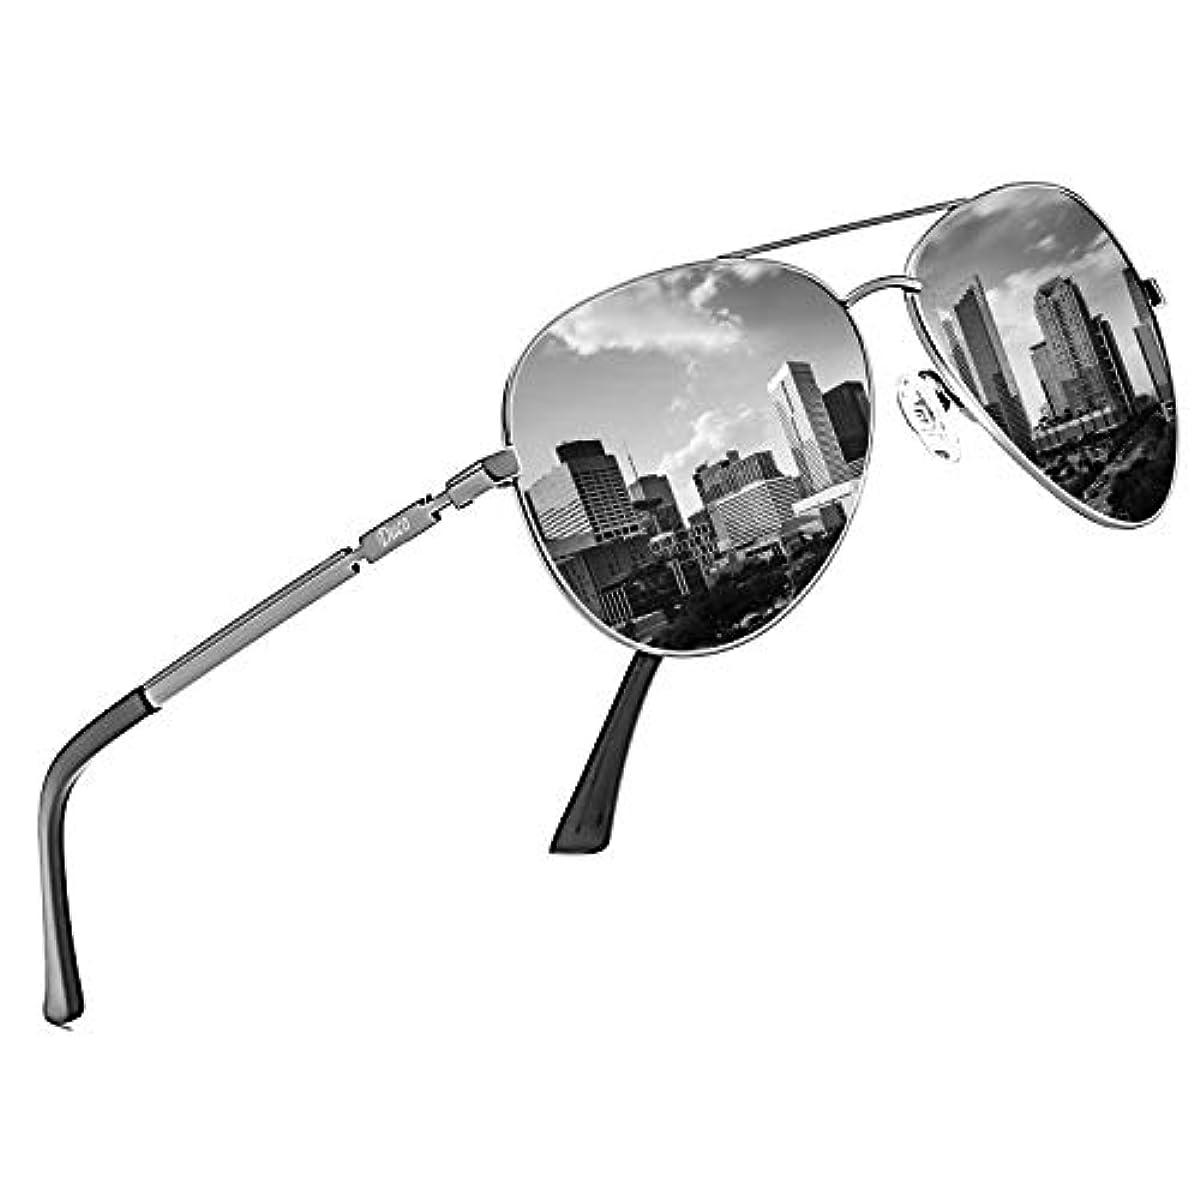 [해외] DUCO 맨즈 썬글라스 UV400 편광 썬글라스 아비에퍼터 T 아드로푸 썬글라스 고품질 유리 낚시 운전용 3025K